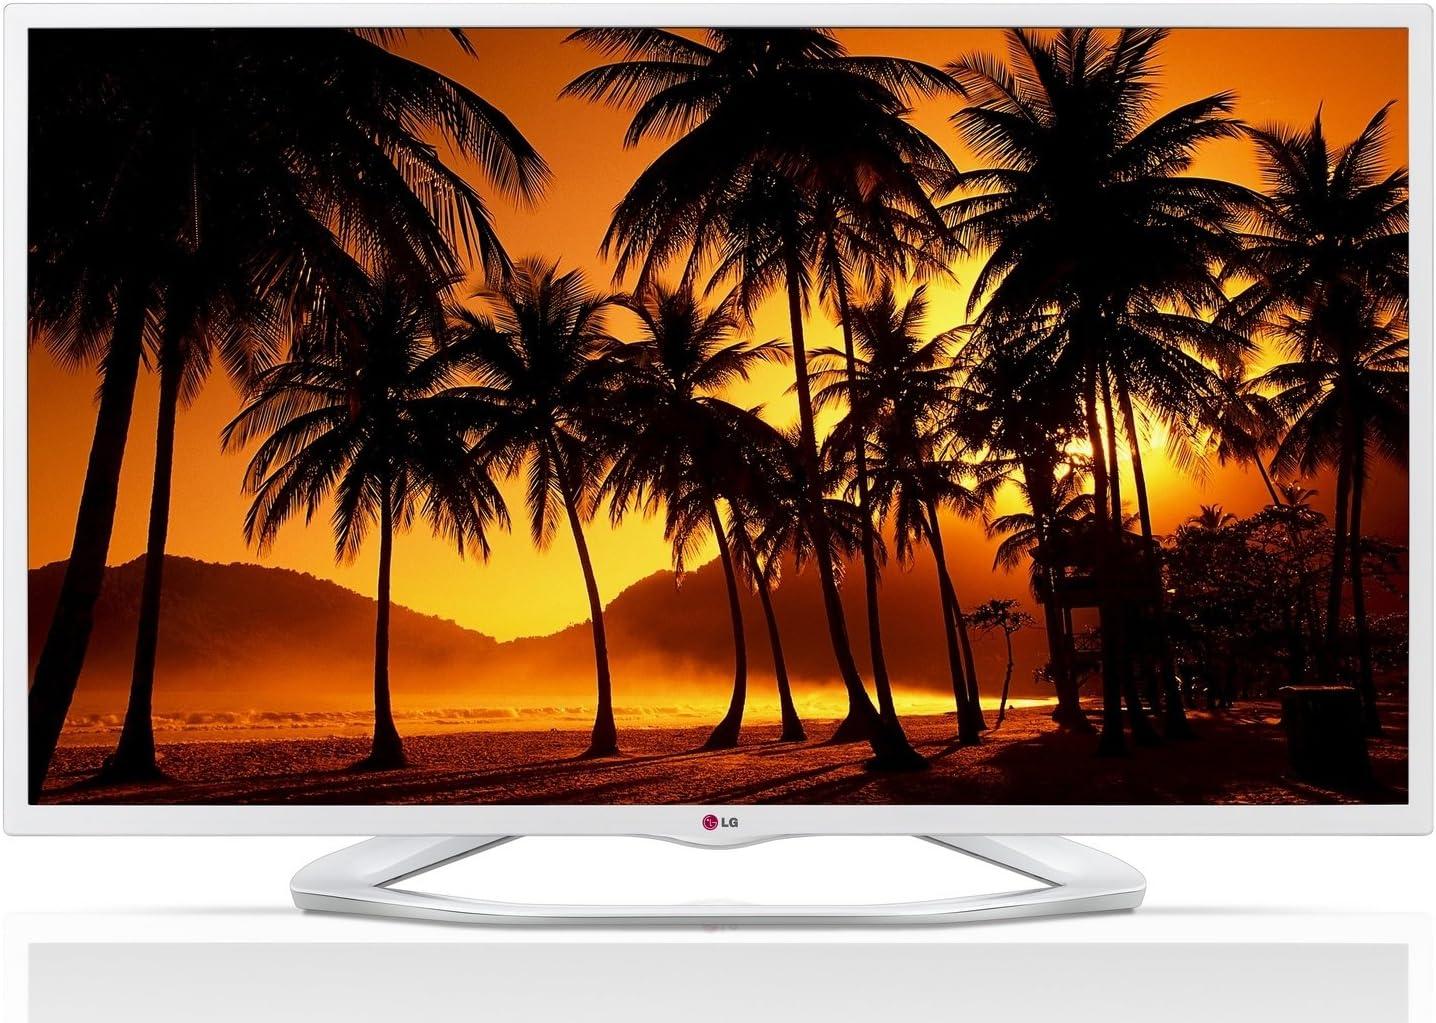 LG 39LN577S LED TV - Televisor (99,06 cm (39